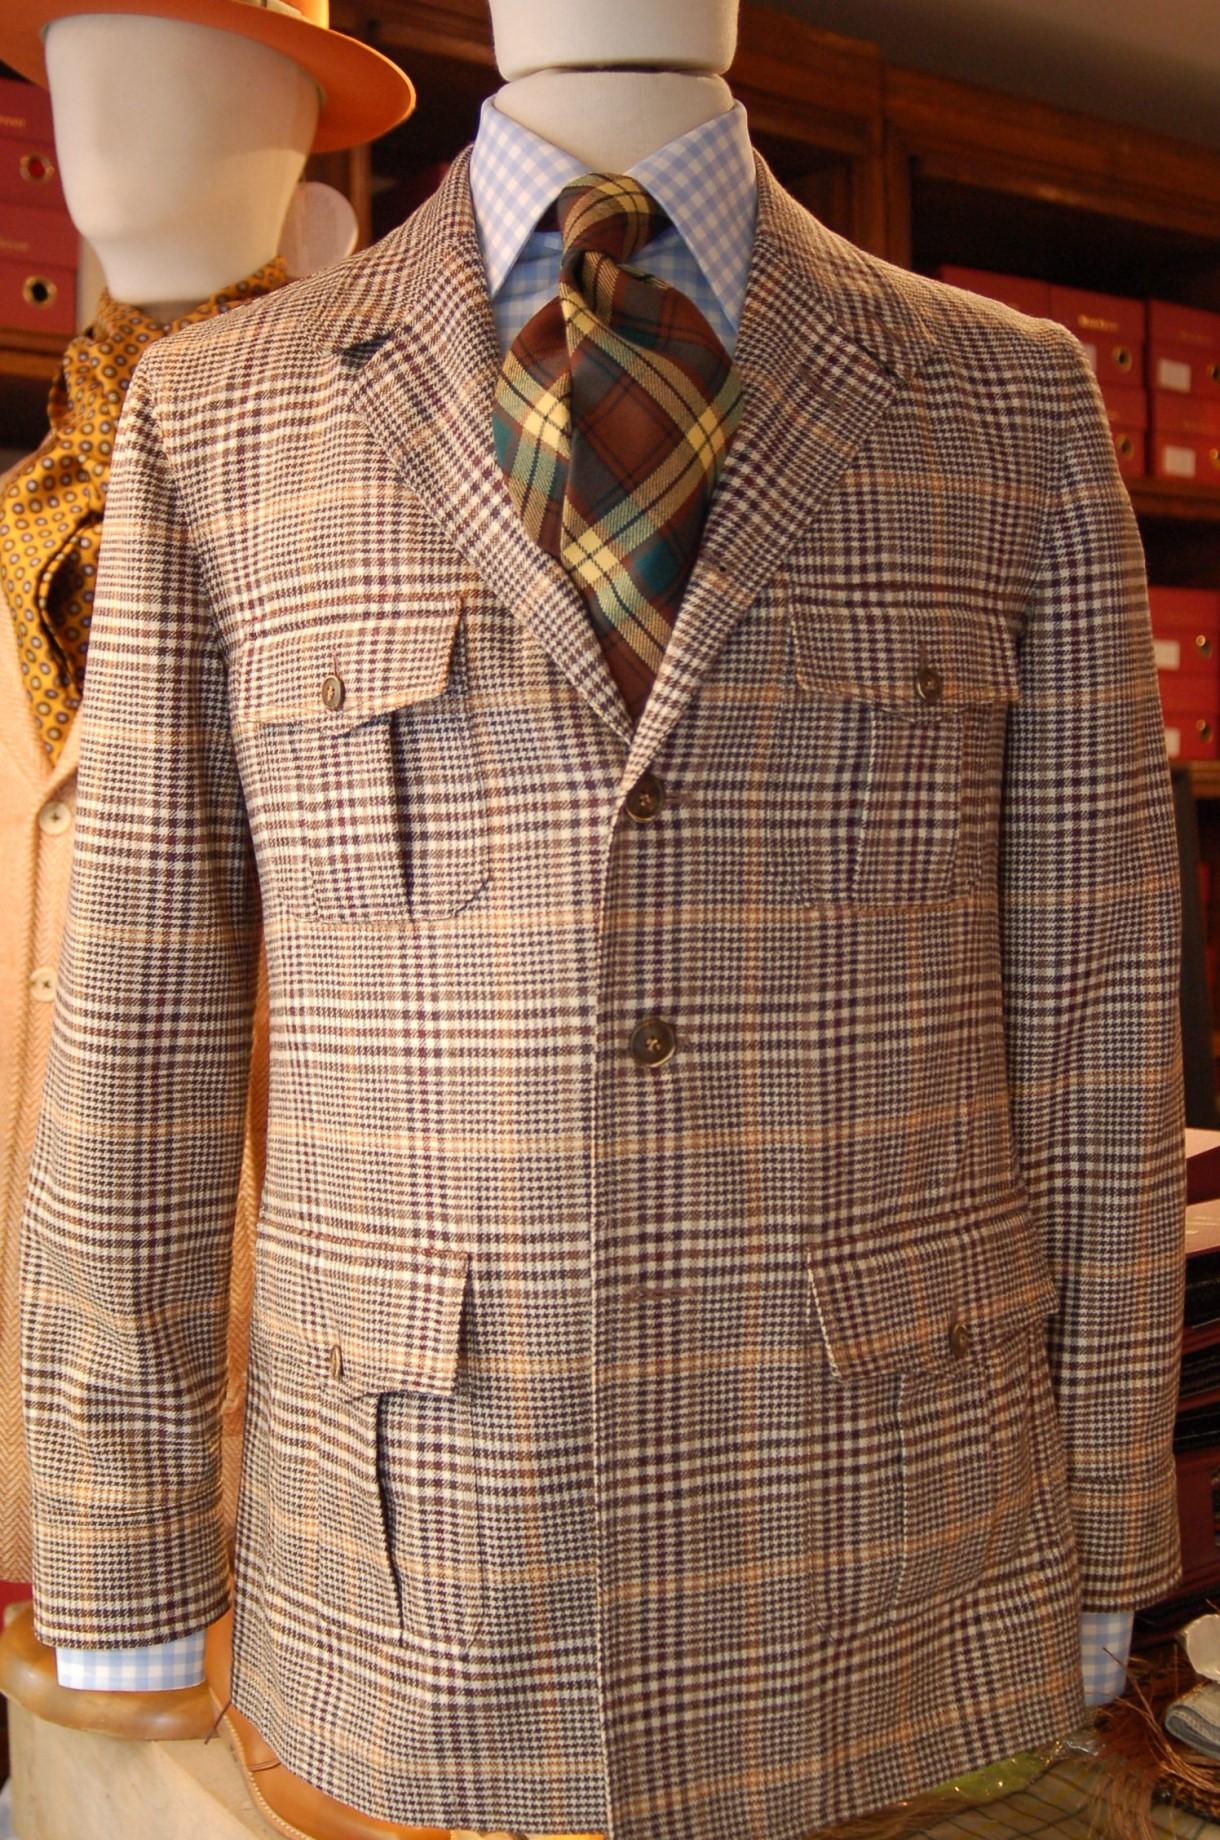 Une saharienne non doublée, 4 poches à rabat et soufflet central, représentative du style maison.